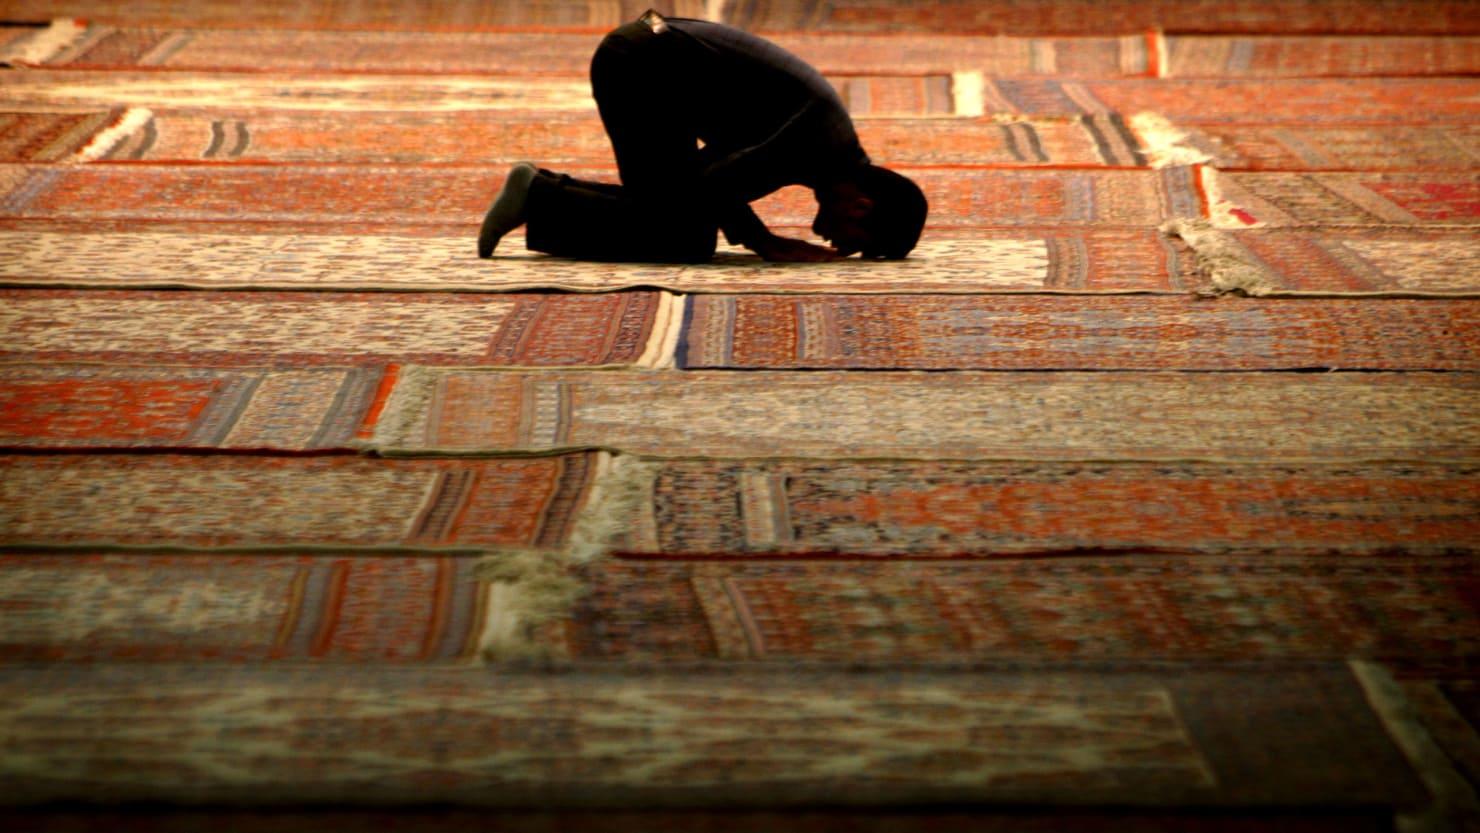 171206-prayer-rug-tease_jcr0ed